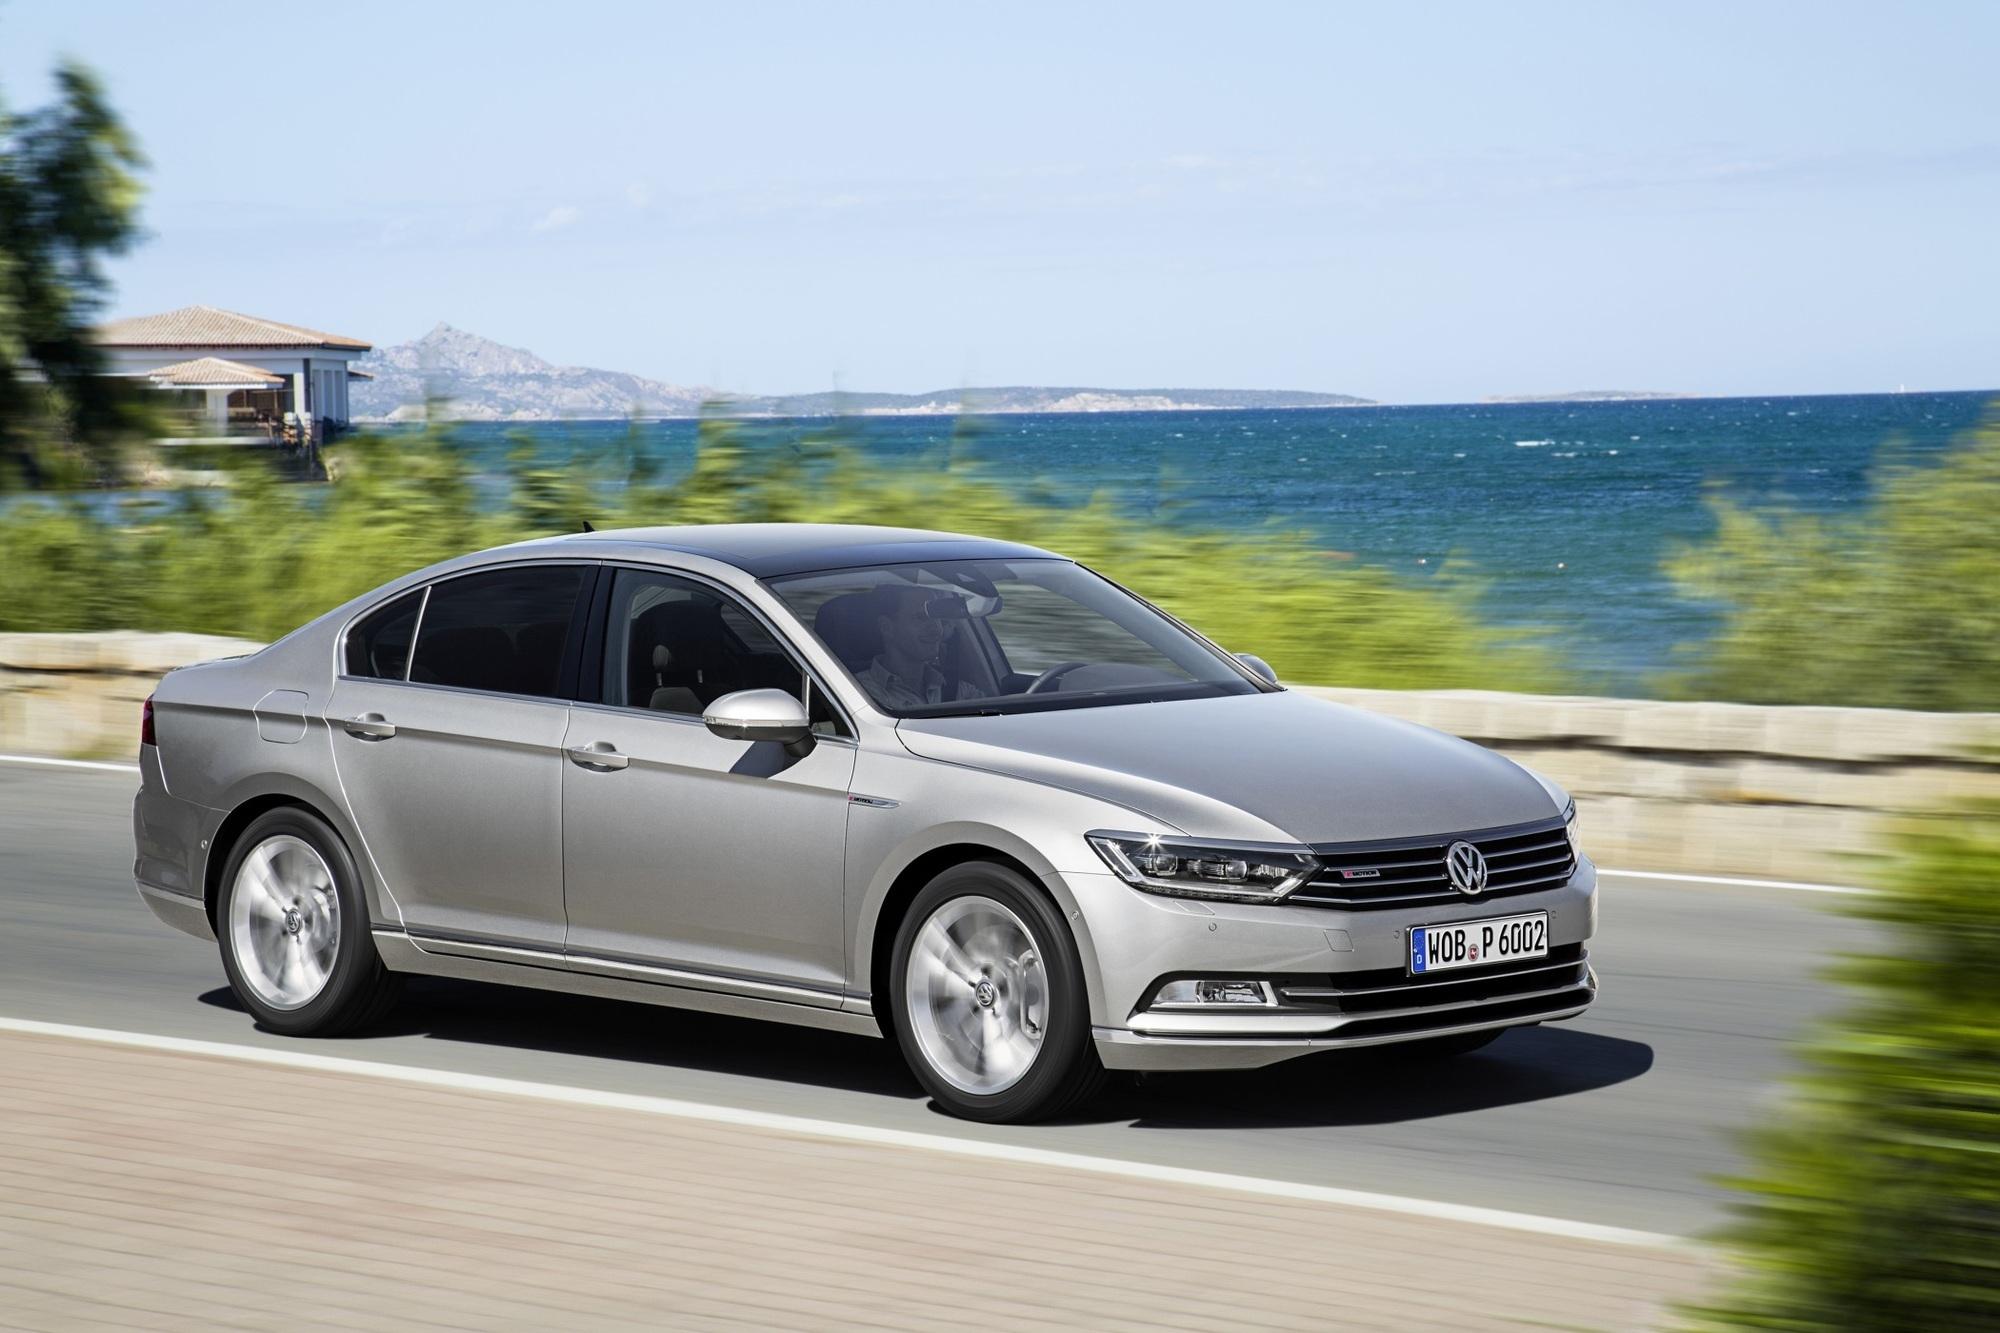 Fahrbericht: VW Passat -  Mit Anspruch auf höhere Weihen